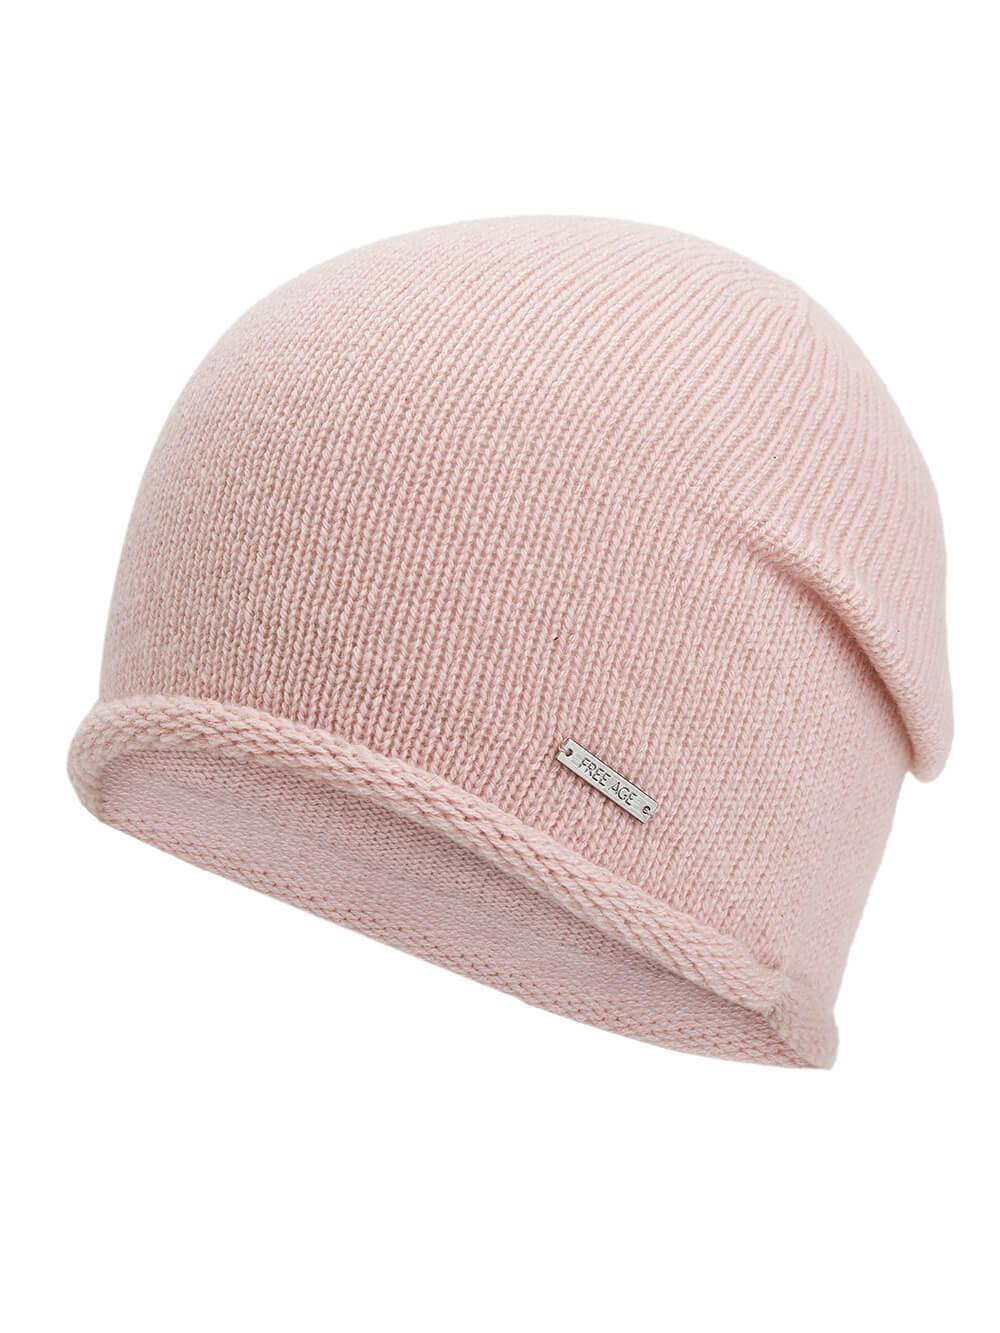 Женская светло-розовая шапка из 100% кашемира - фото 1